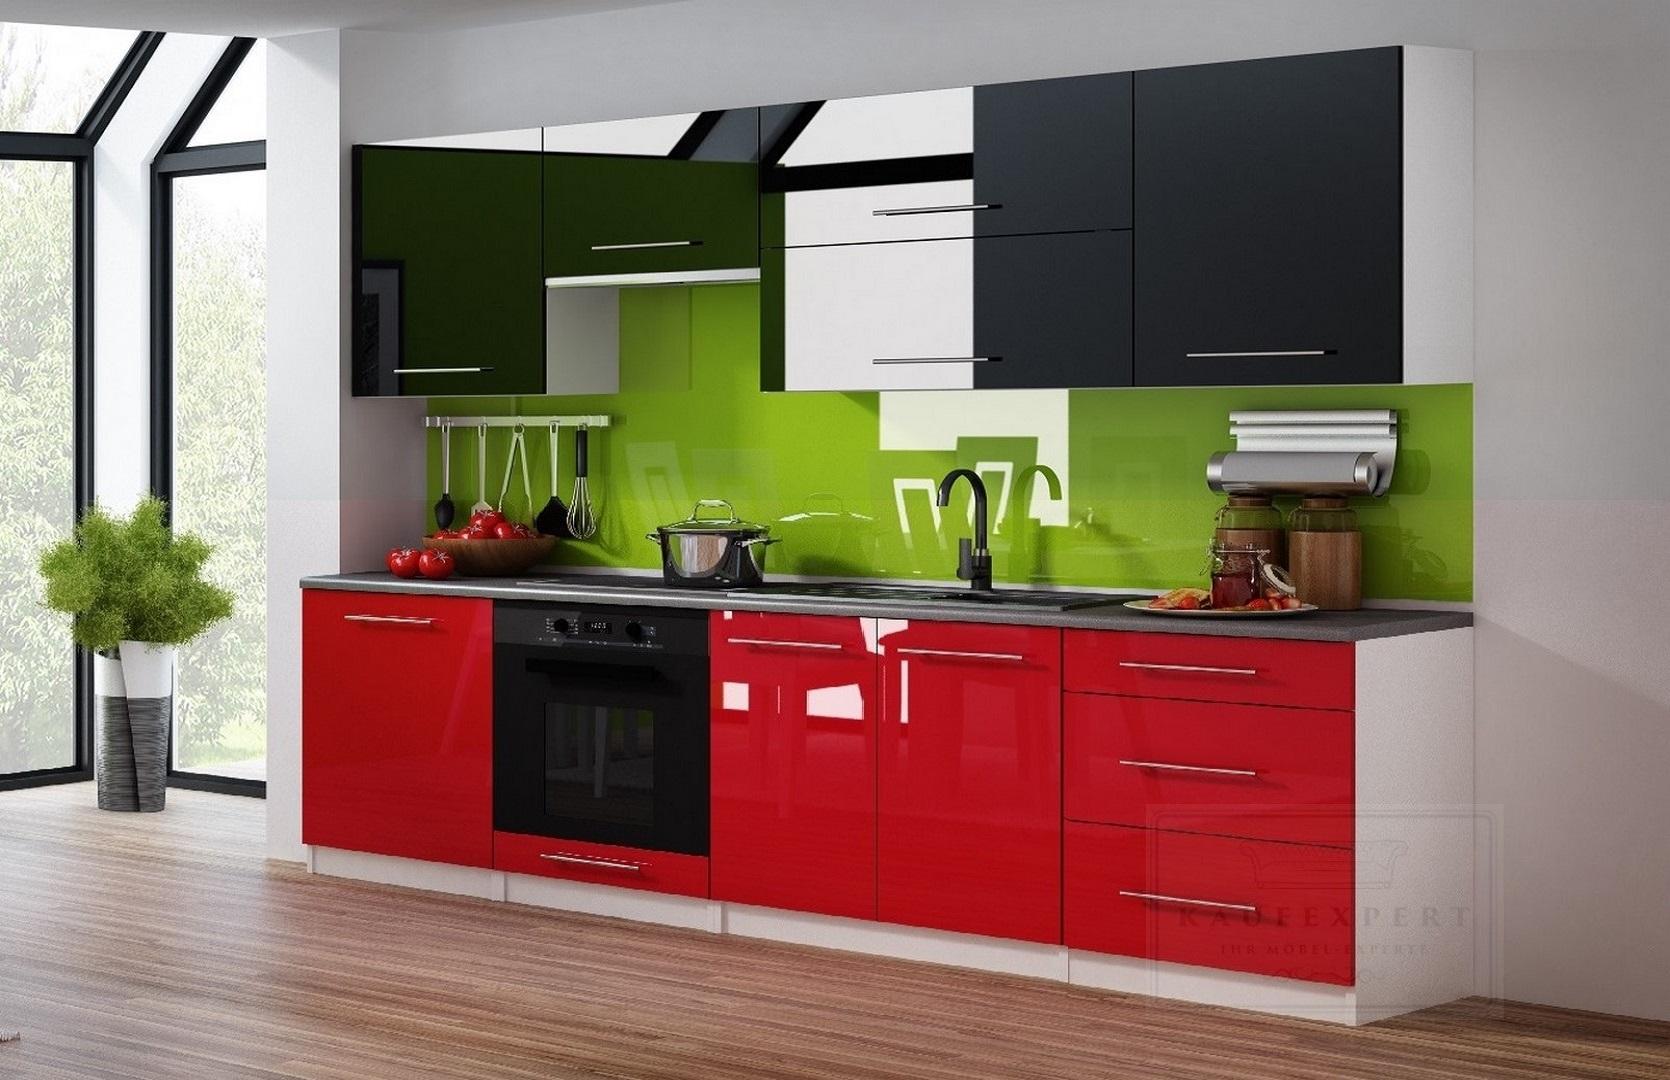 Küchenzeile Linda Schwarz/Rot Hochglanz 260 cm Küche Küchenblock MDF  Arbeitsplatte Relinggriffe Modern Einbauküche